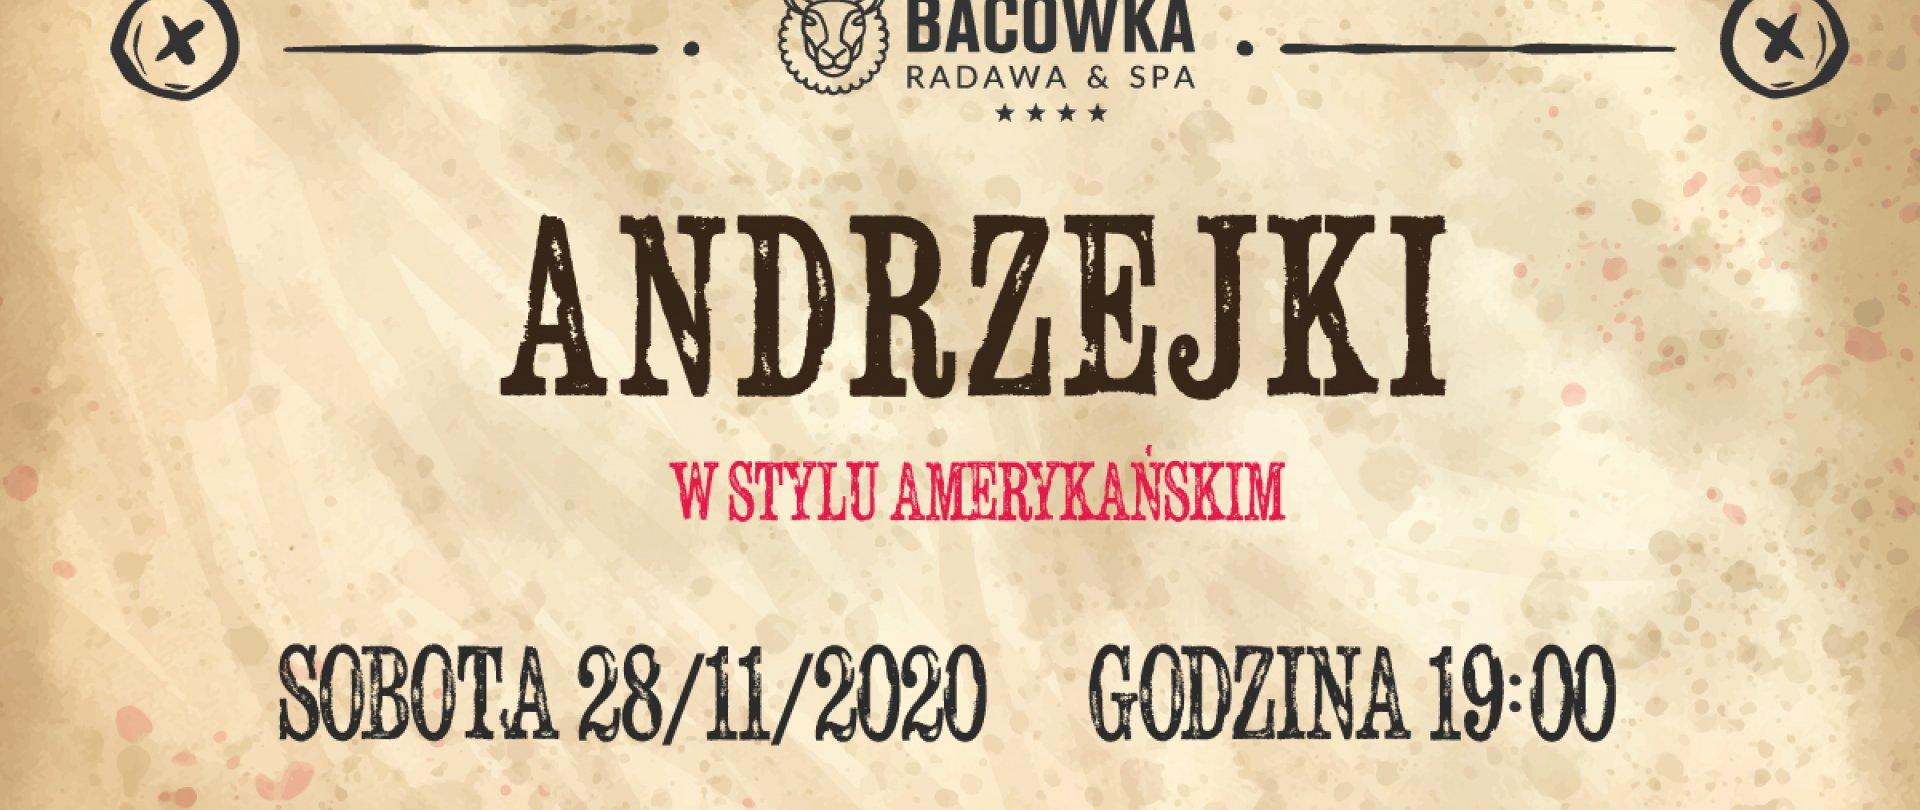 Andrzejki w Bacówce!